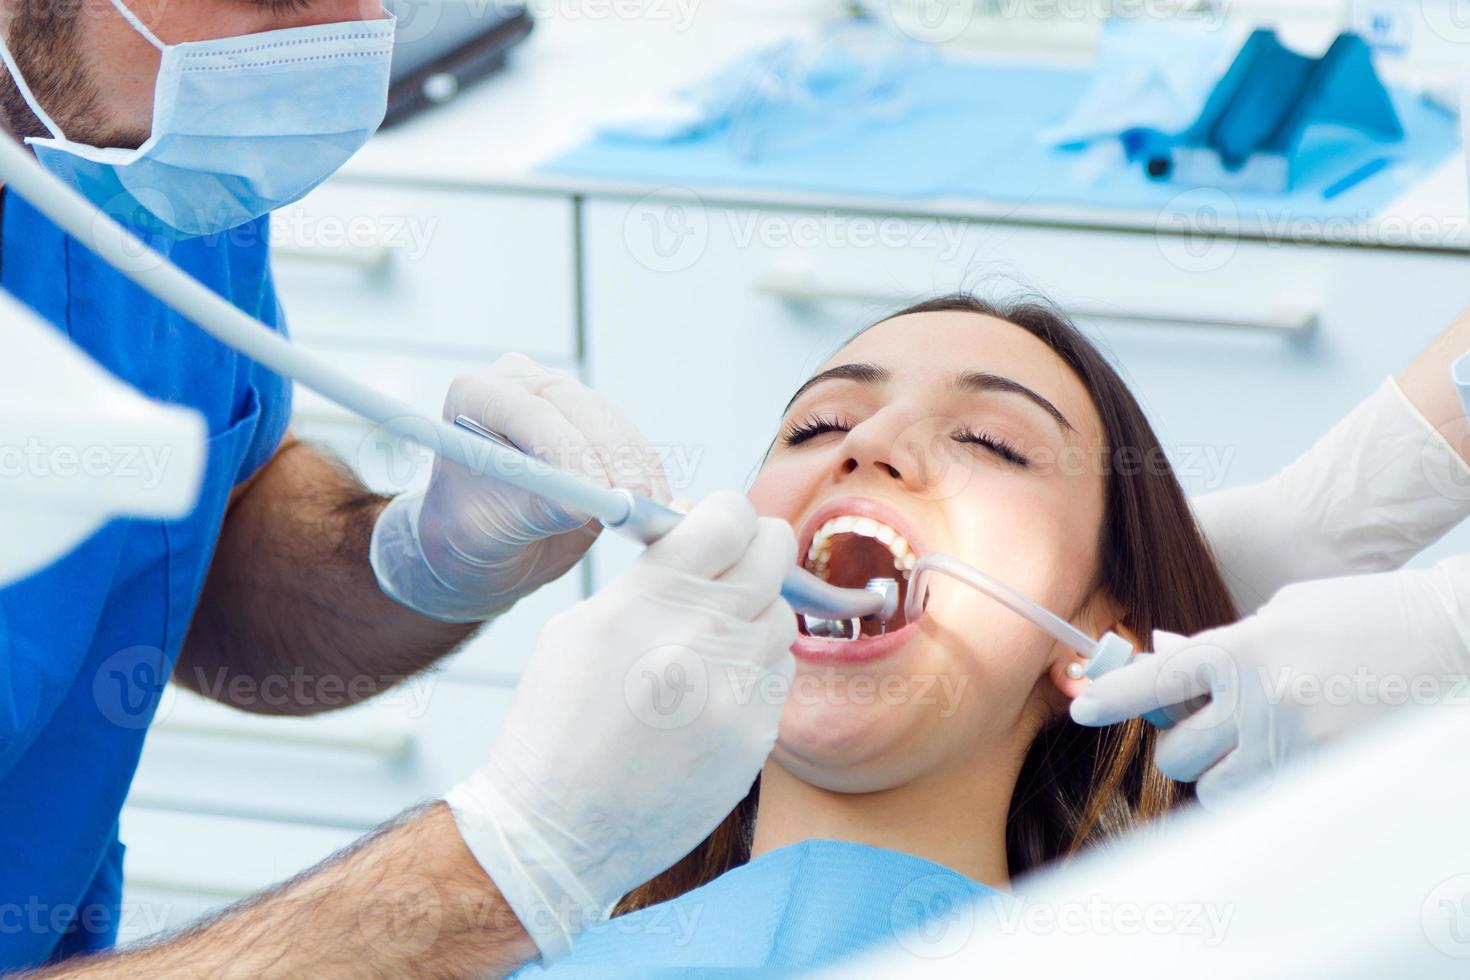 söt ung kvinna hos tandläkaren. munkontroll foto